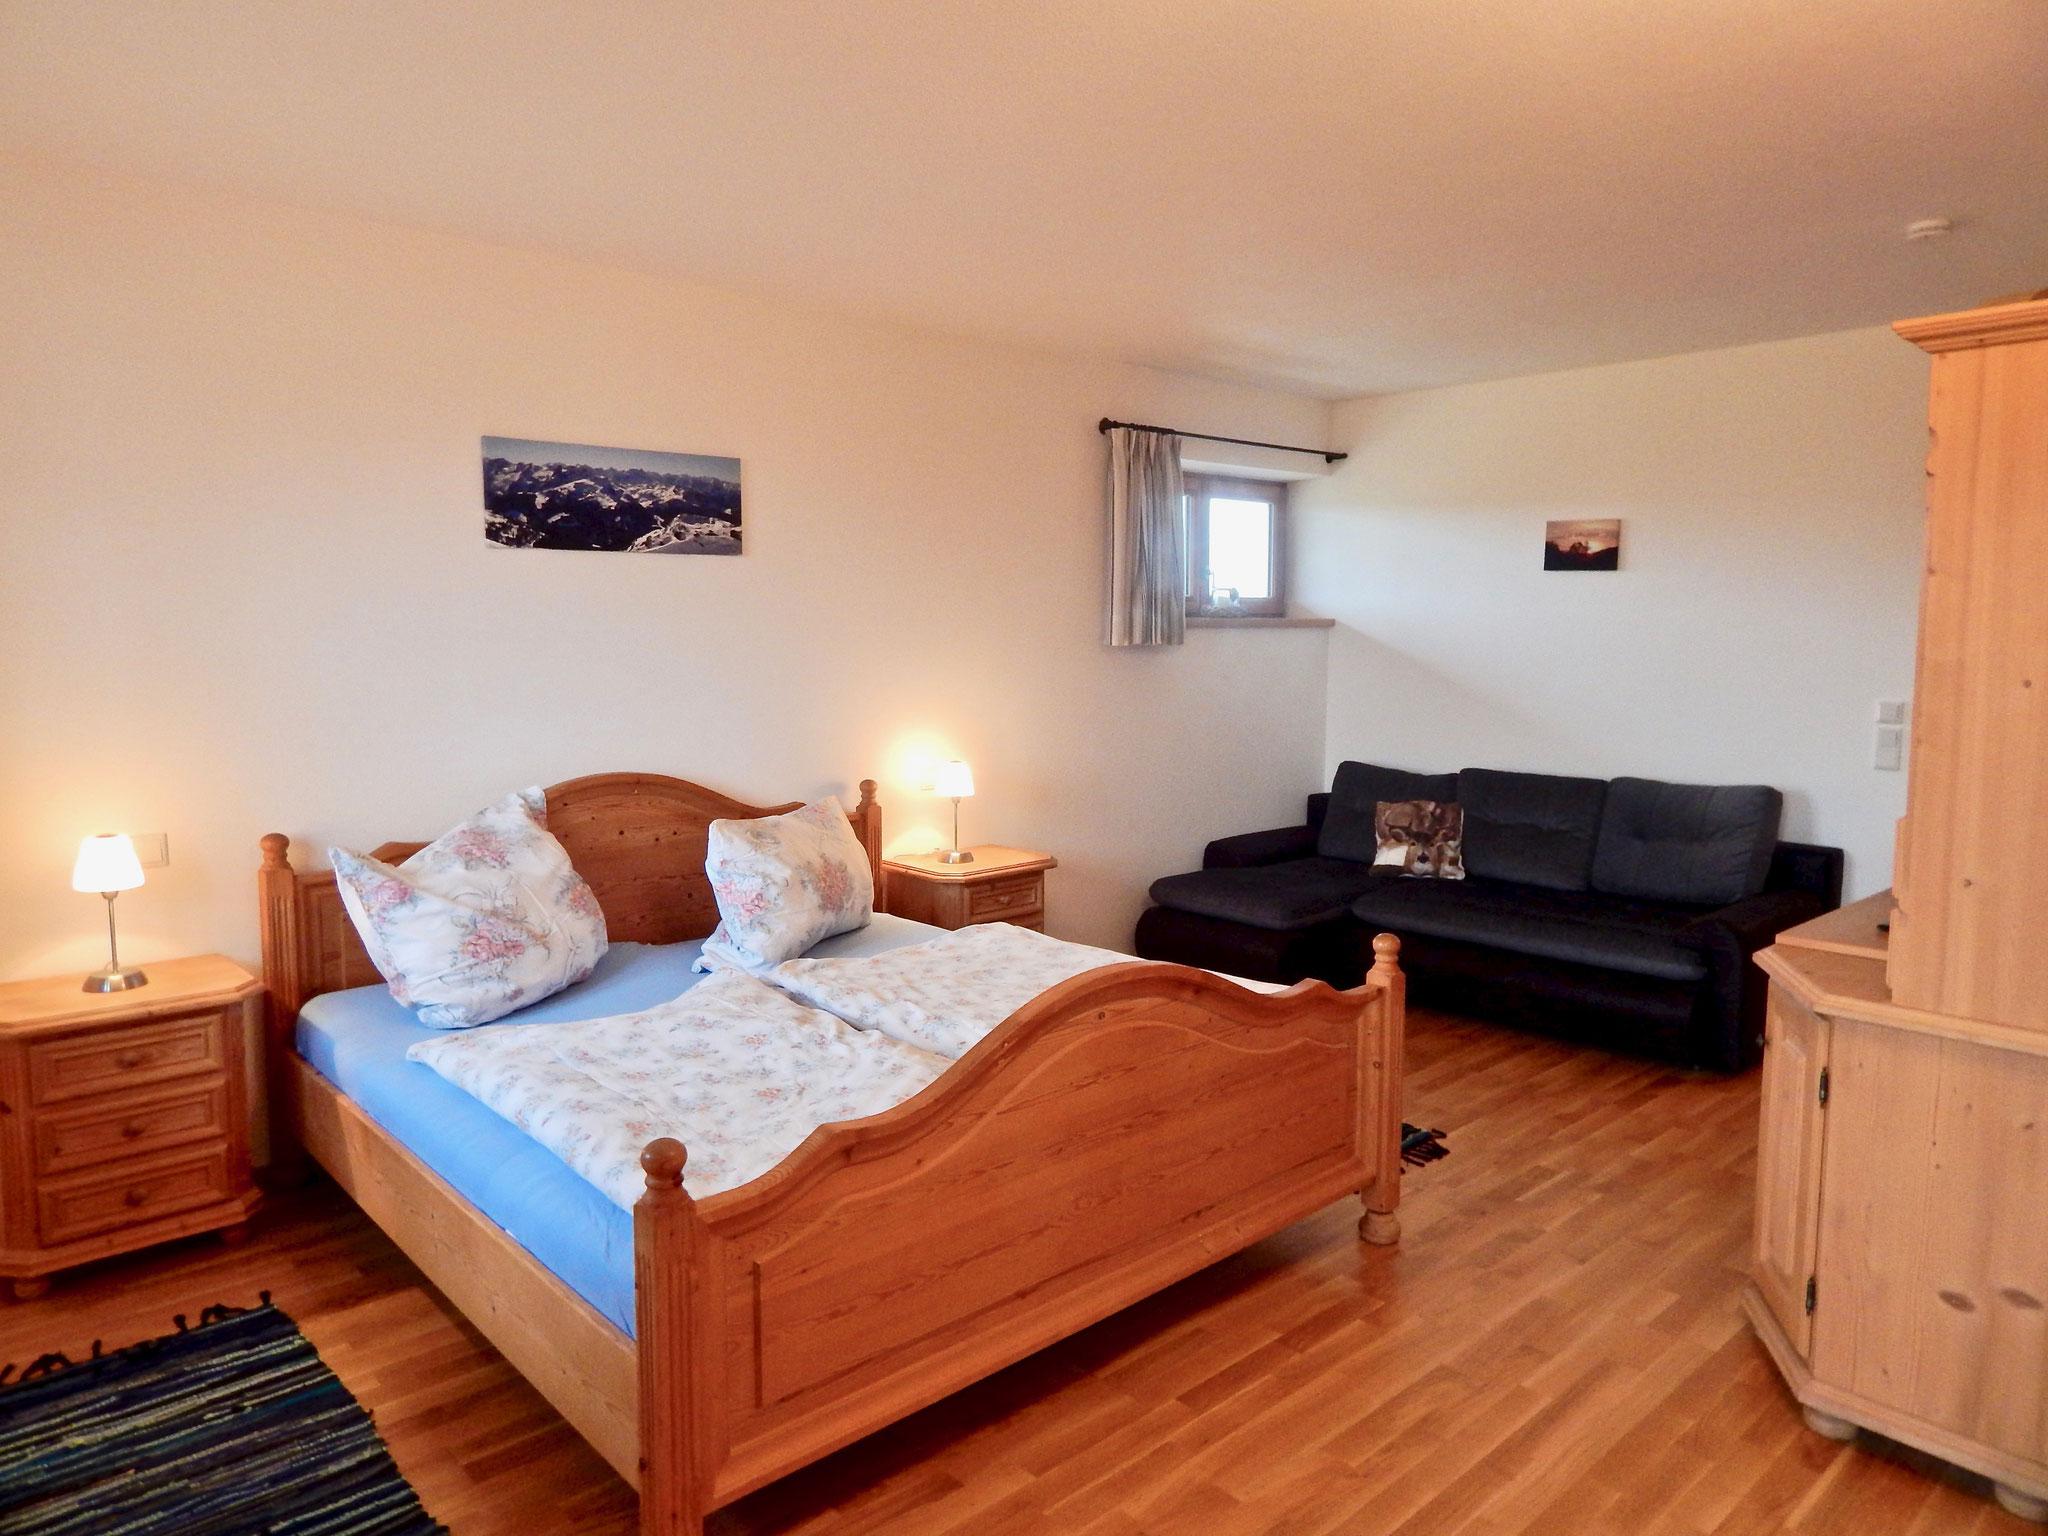 Schlafzimmer mit Doppelbett & Schlafcouch